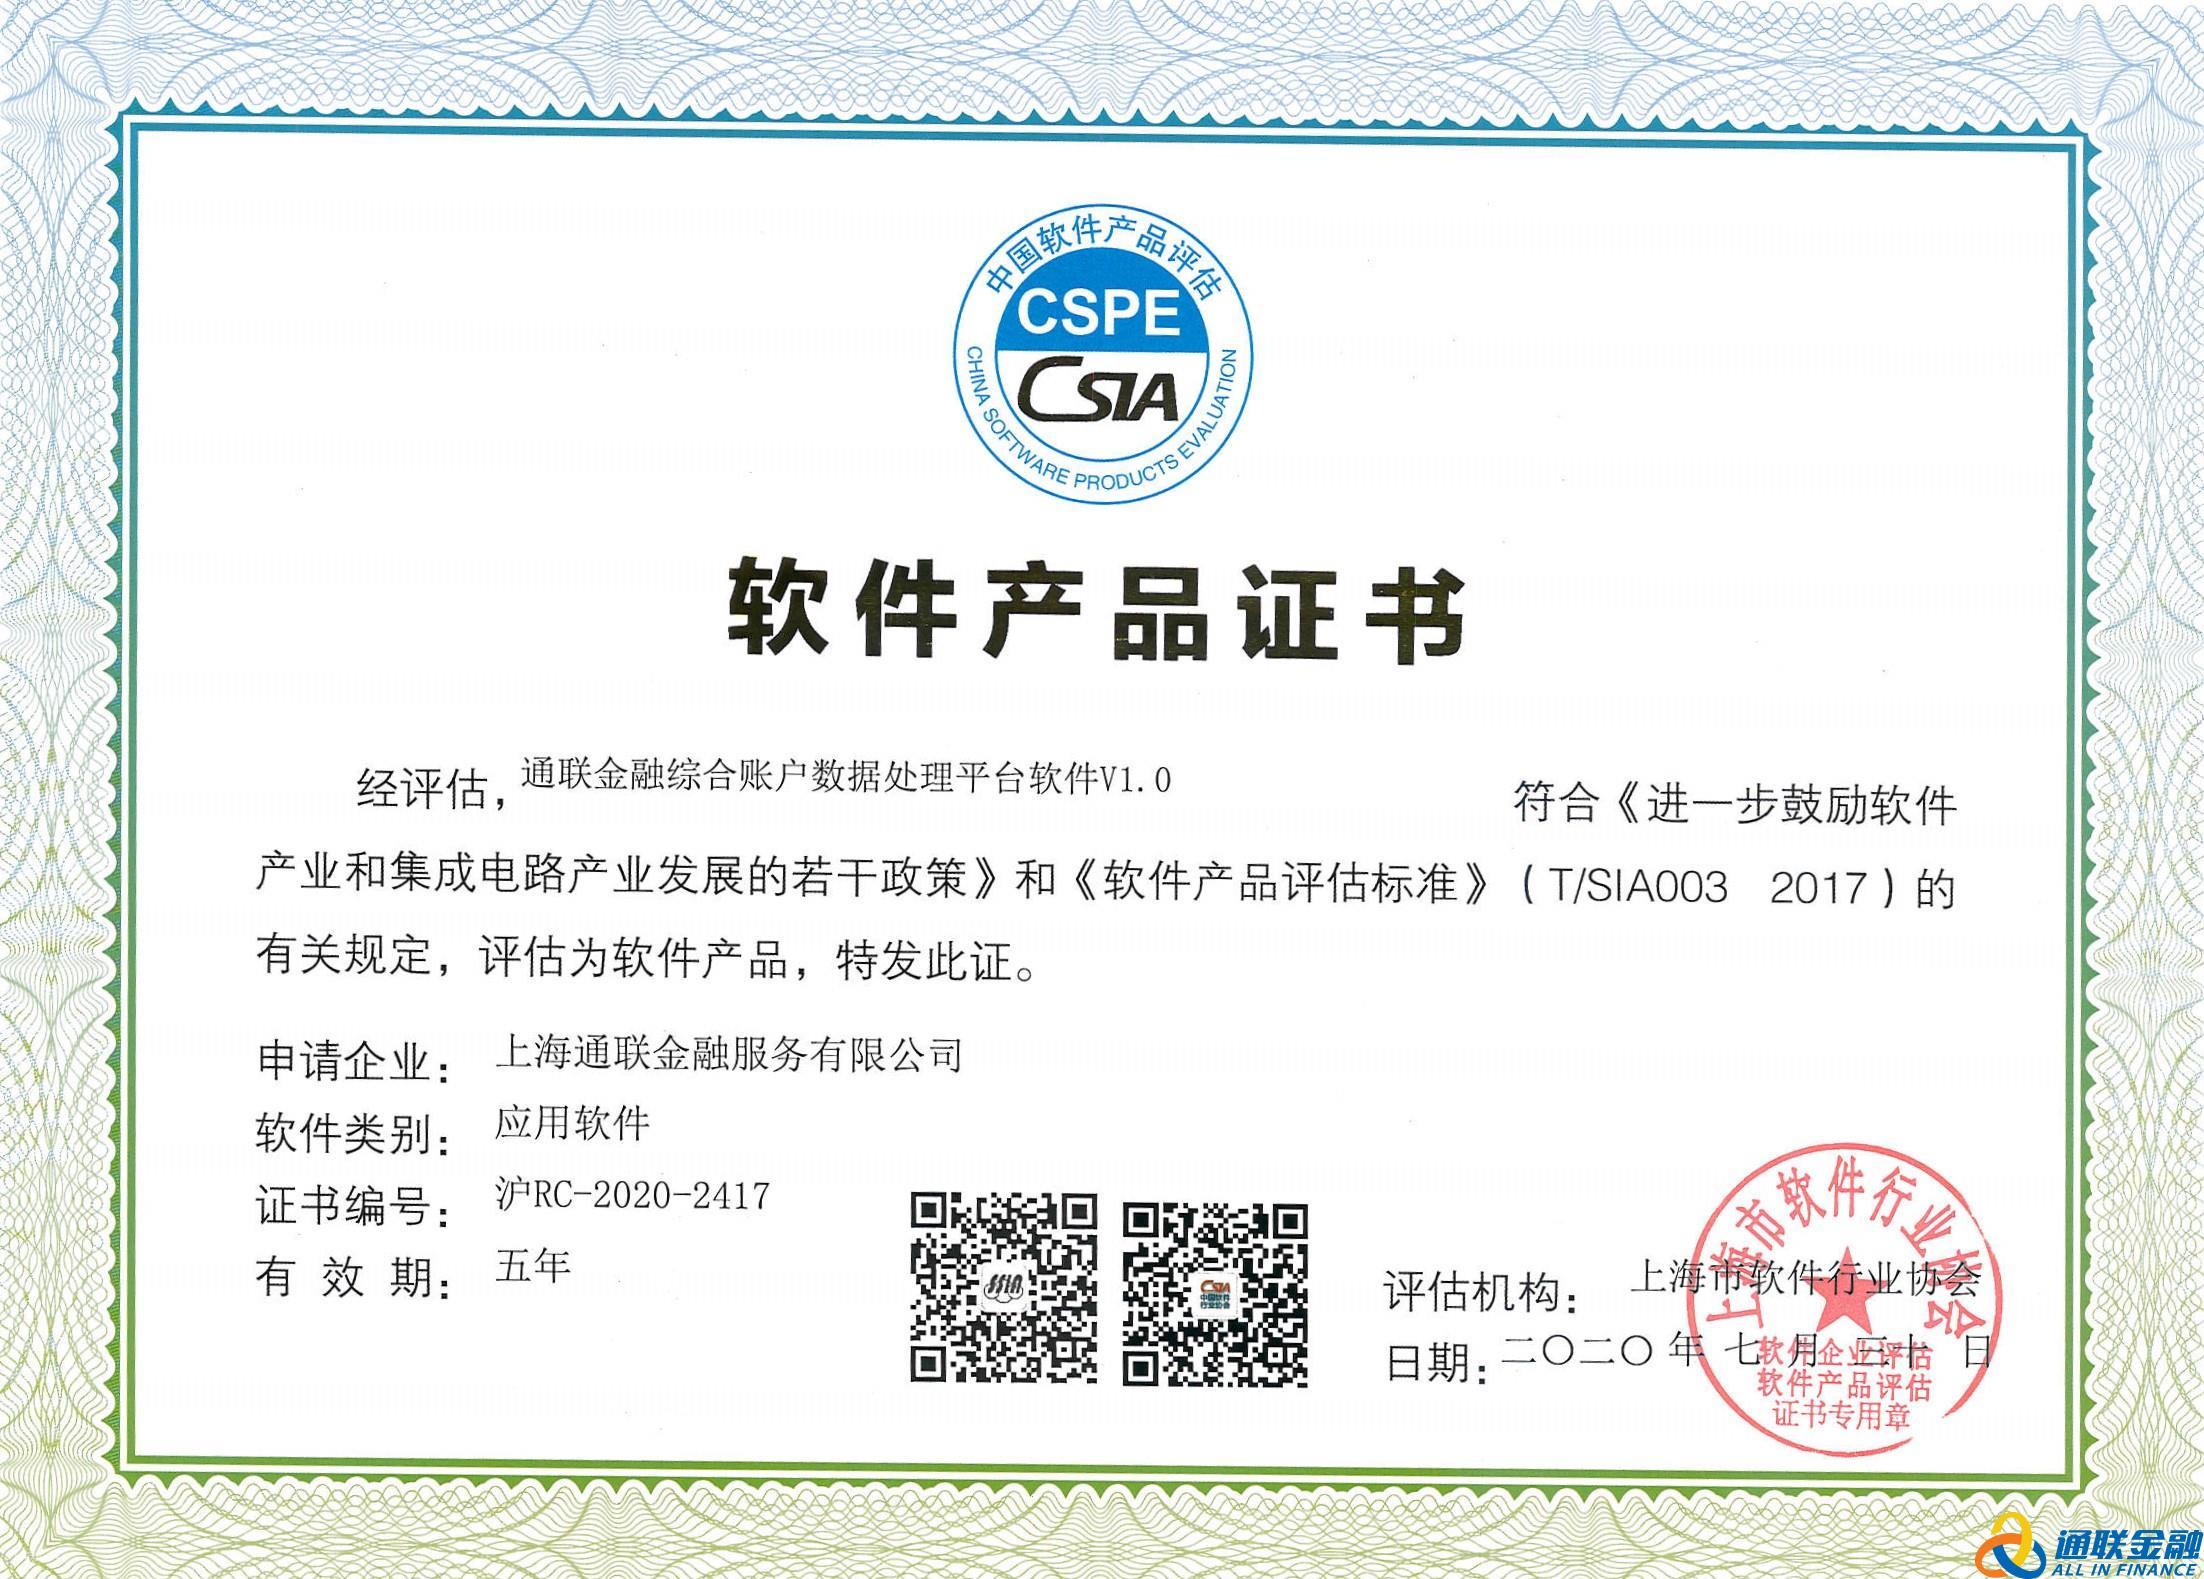 软件企业证书2